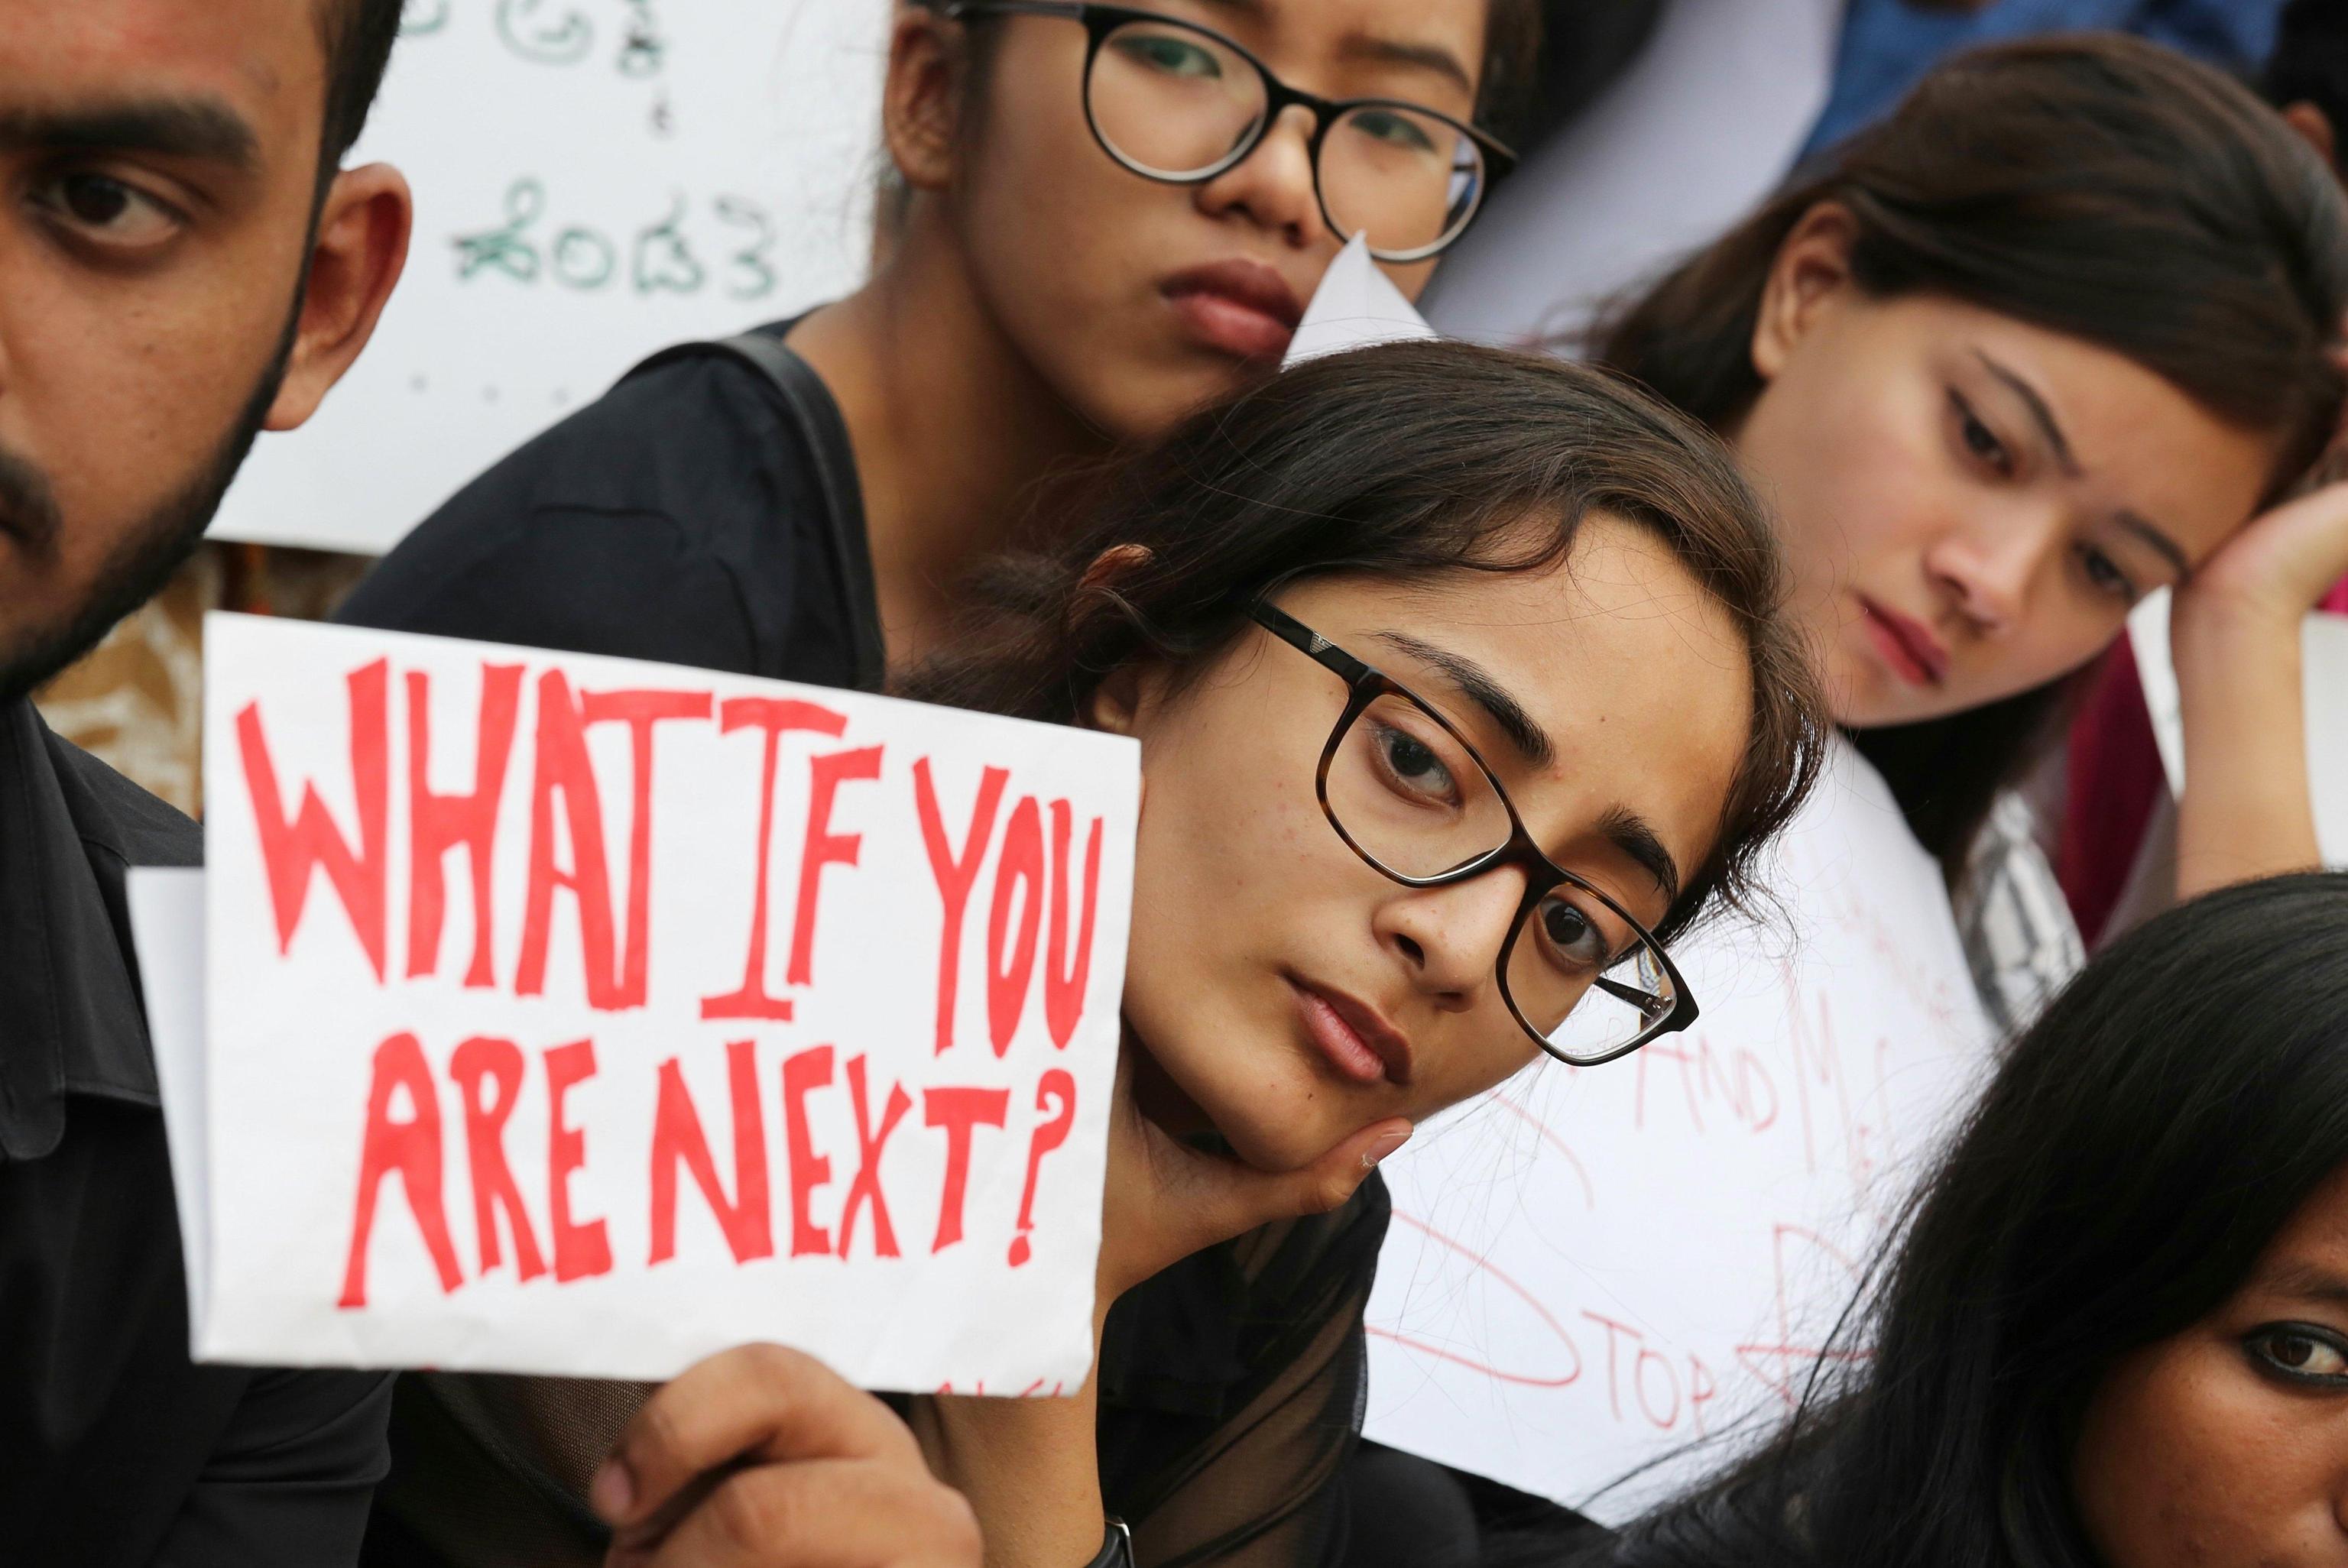 Stuprata a 4 anni da 5 uomini in un ospedale dell'Uttar Pradesh in India